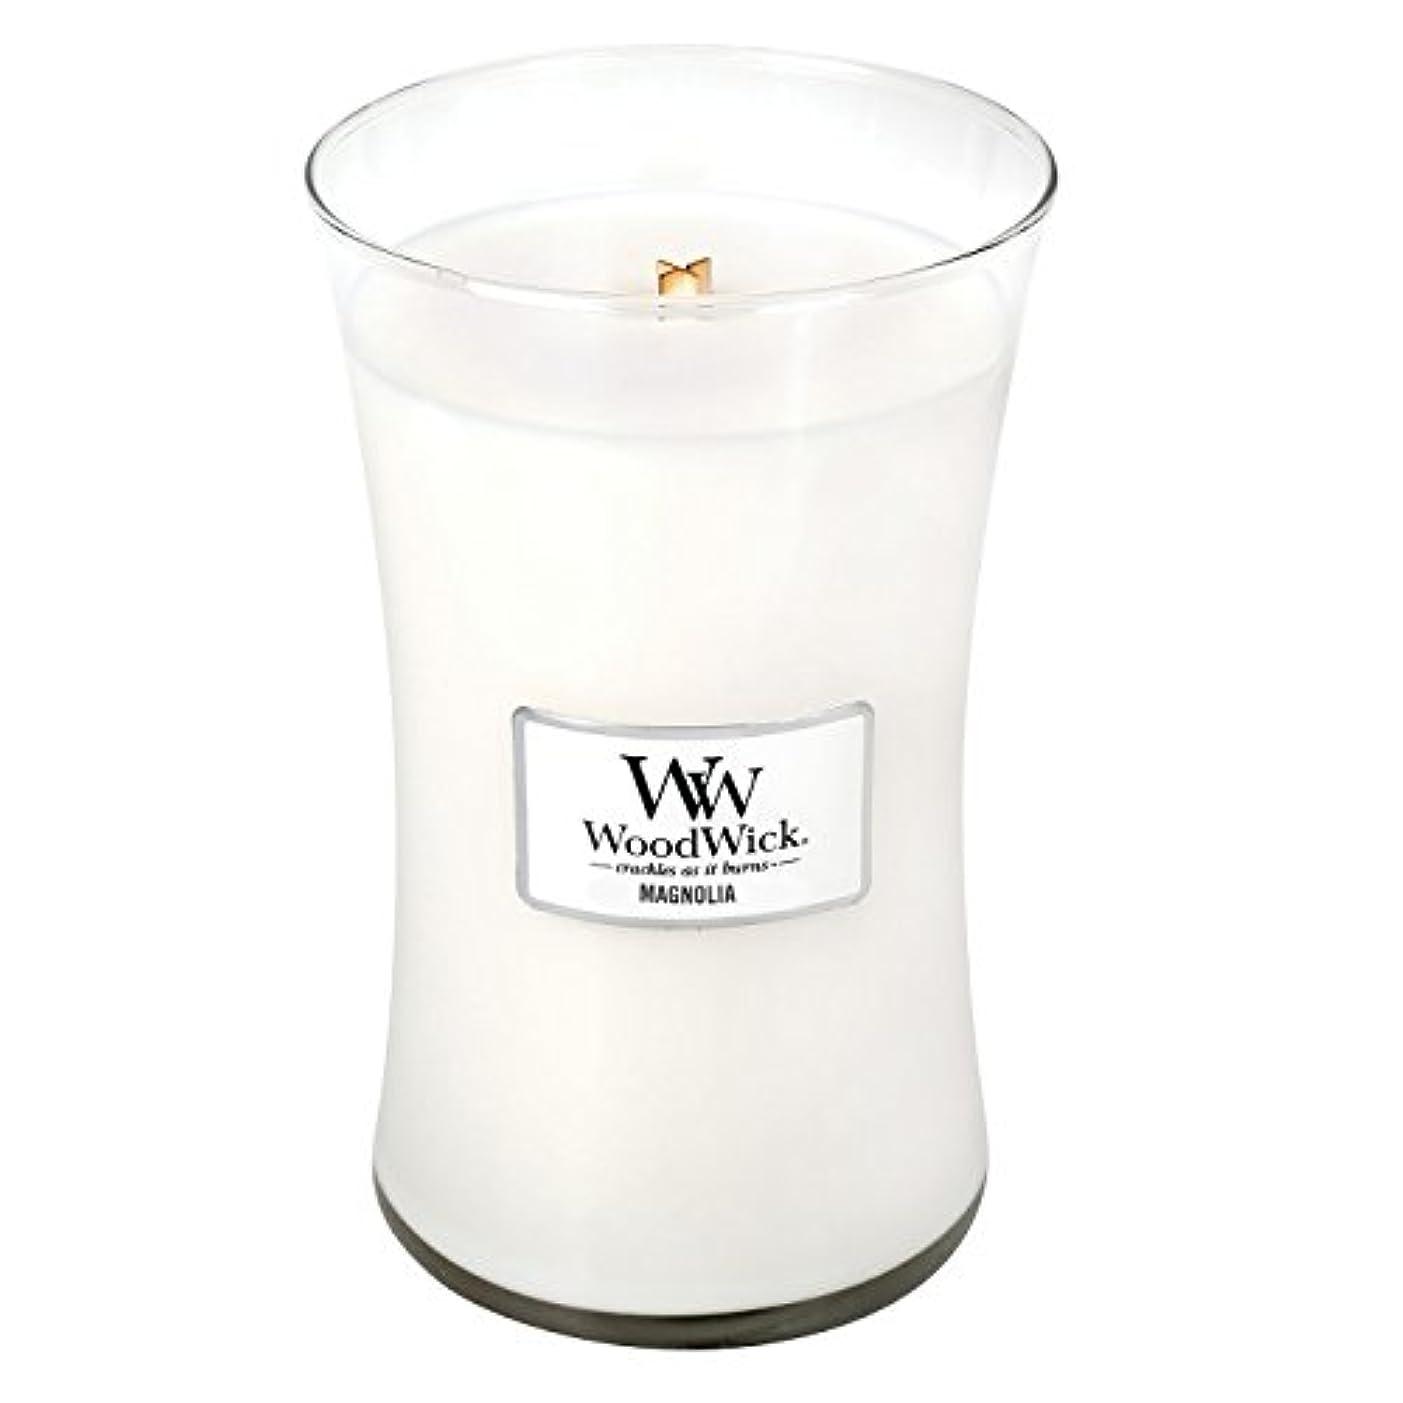 驚くべきがっかりする興奮するMAGNOLIA WoodWick 650ml Large Hourglass Jar Candle Burns 180 Hours